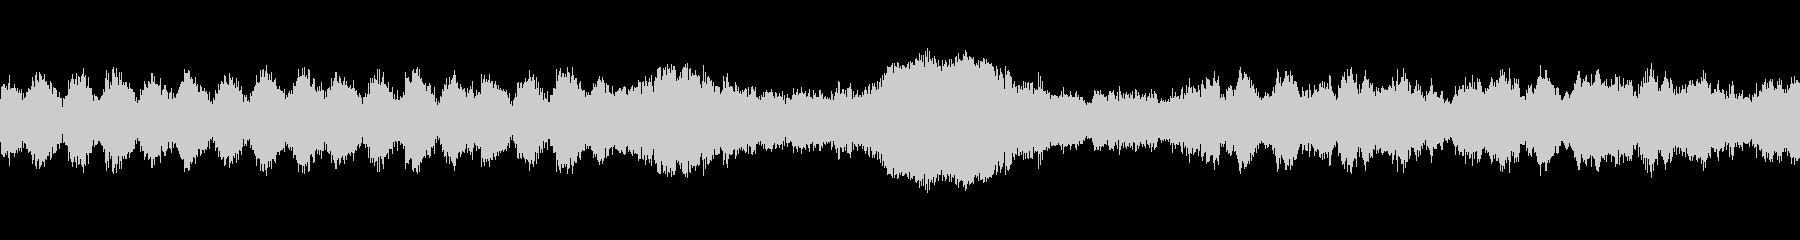 堂々としたオーケストラサウンドのワルツの未再生の波形